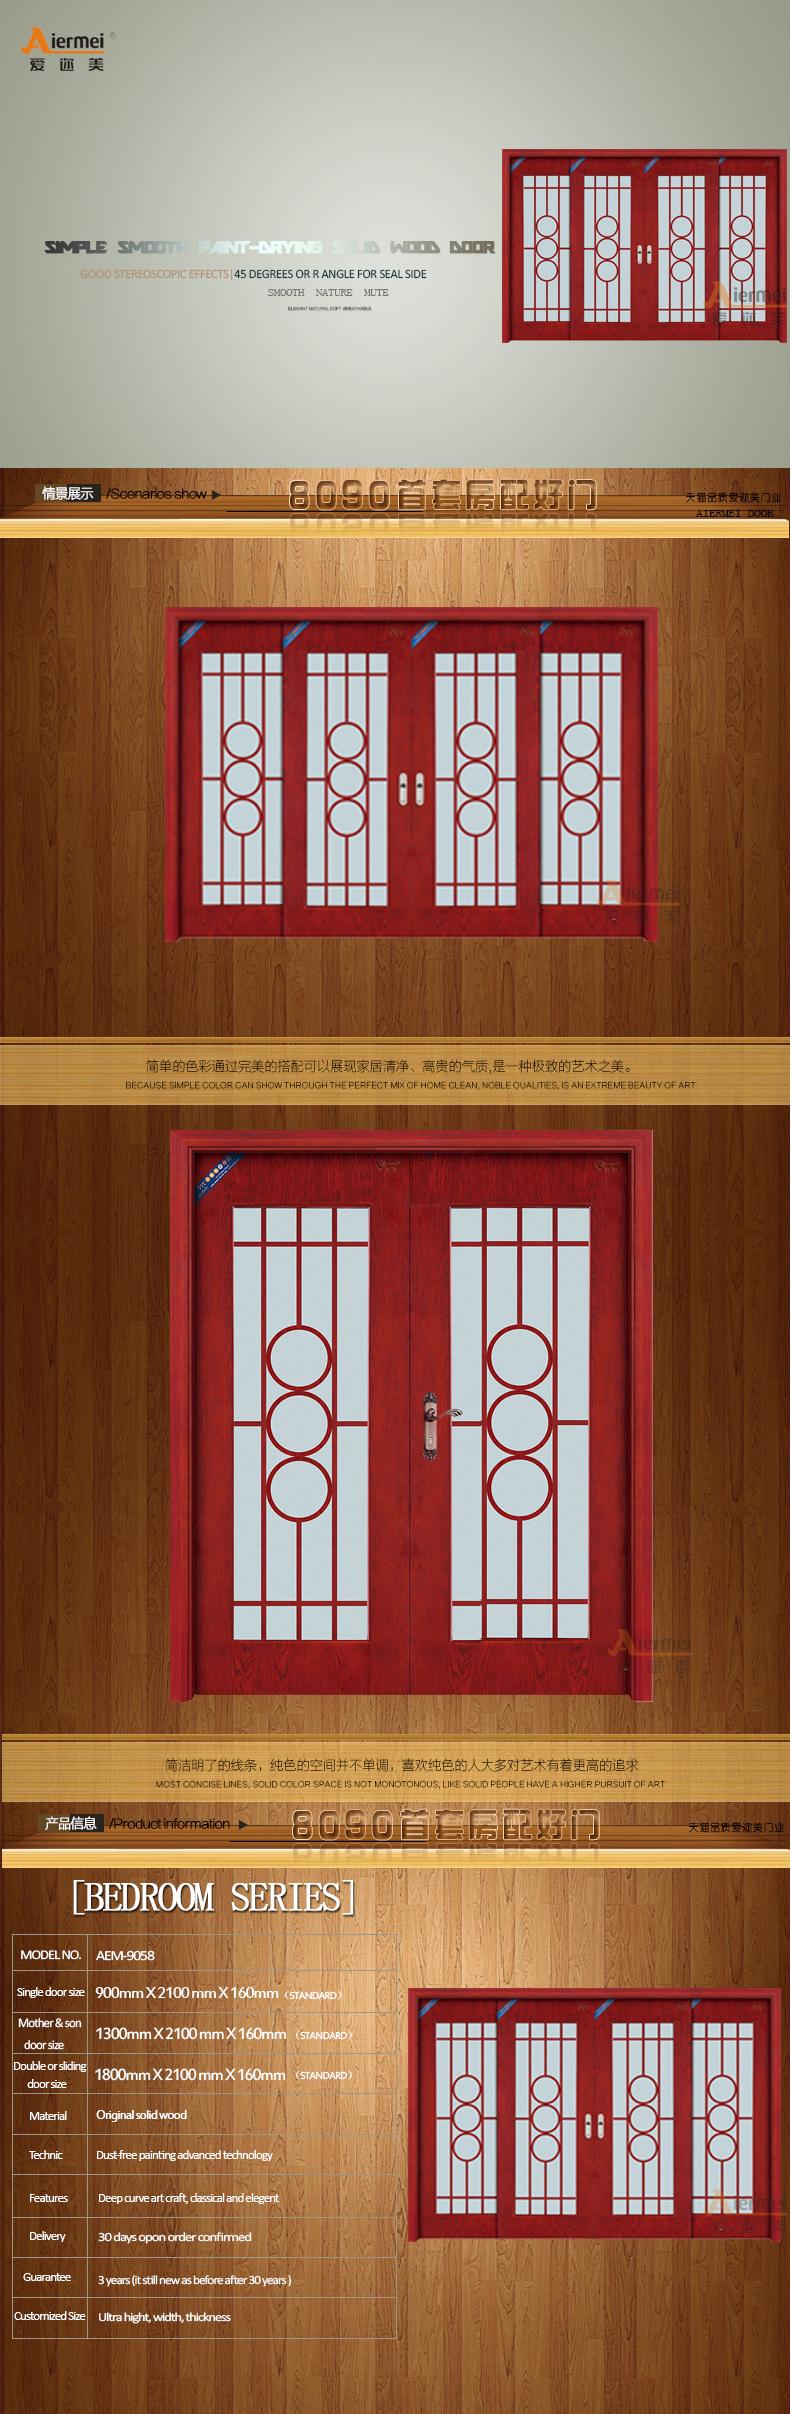 유리 미닫이 나무 거실 문 디자인 일본 인테리어 문-문 -상품 ID ...